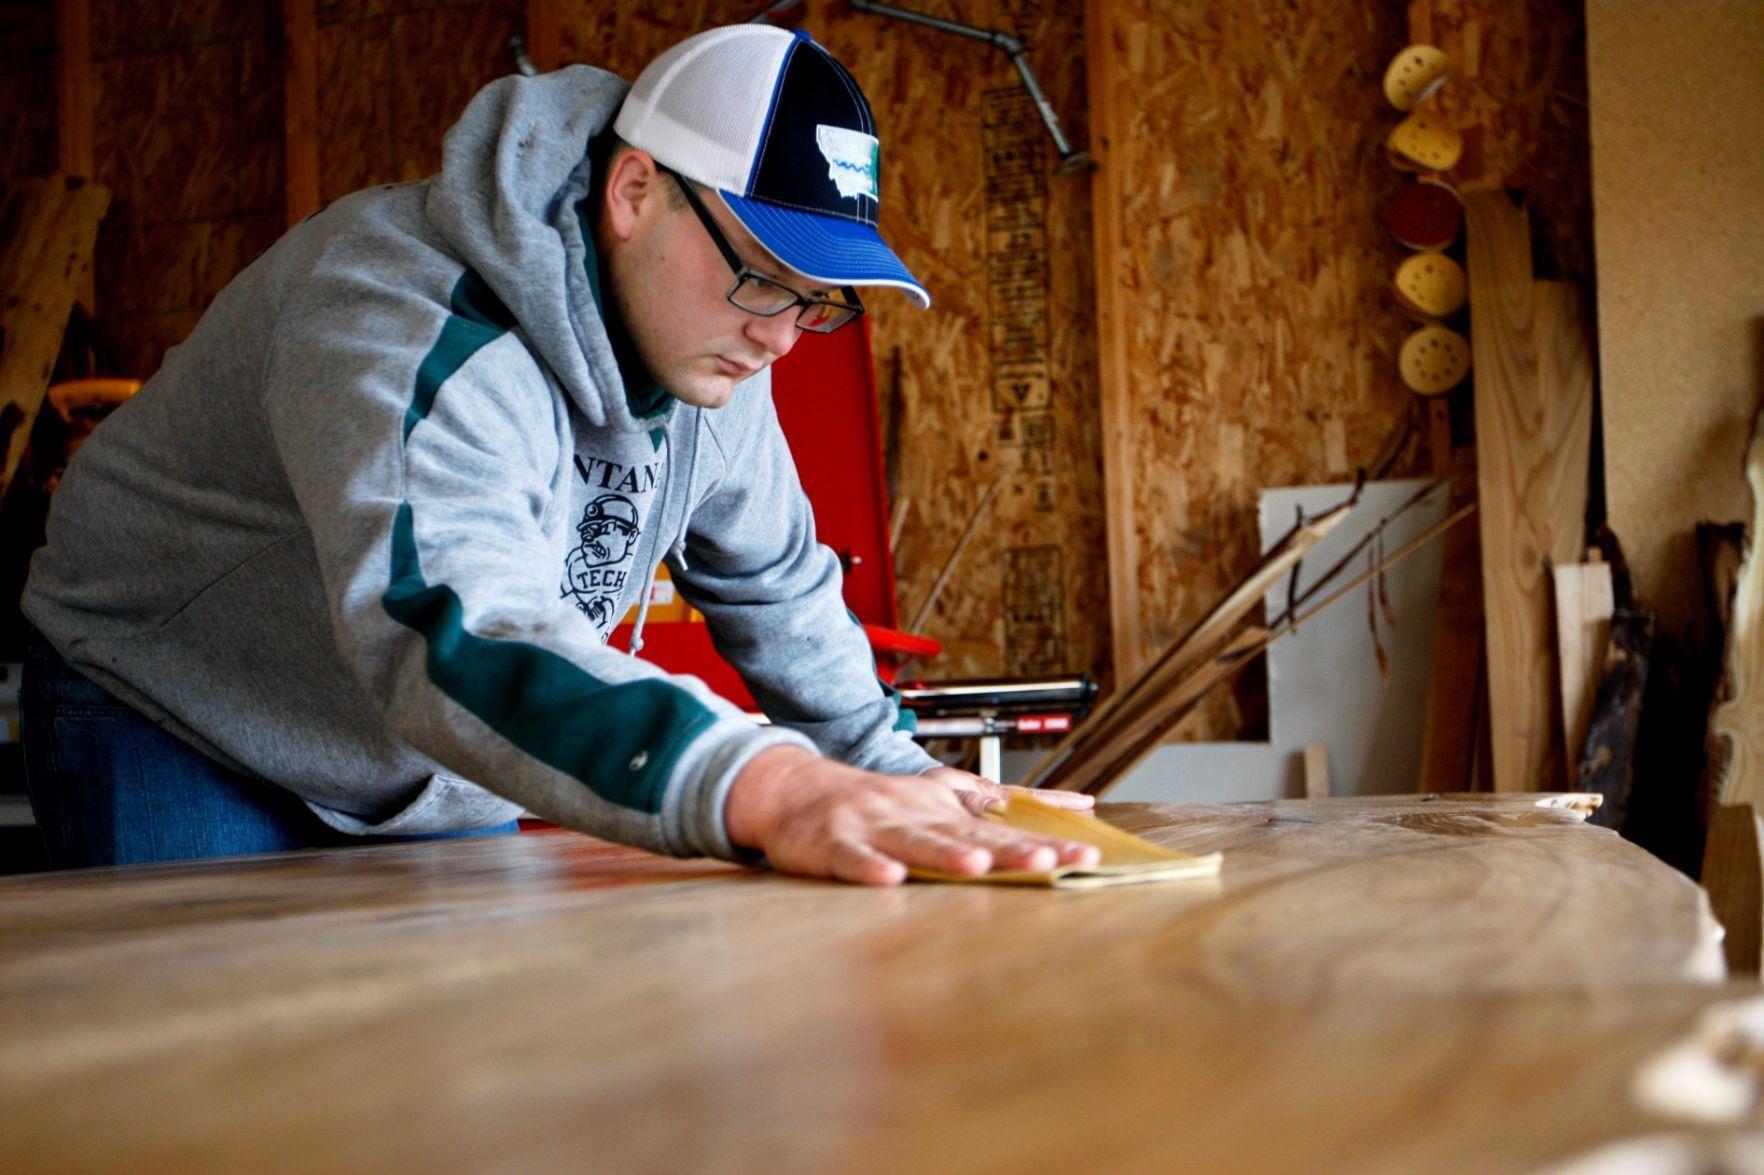 Andrew Bishop Of River Bottom Restoration Furniture | Local |  Billingsgazette.com